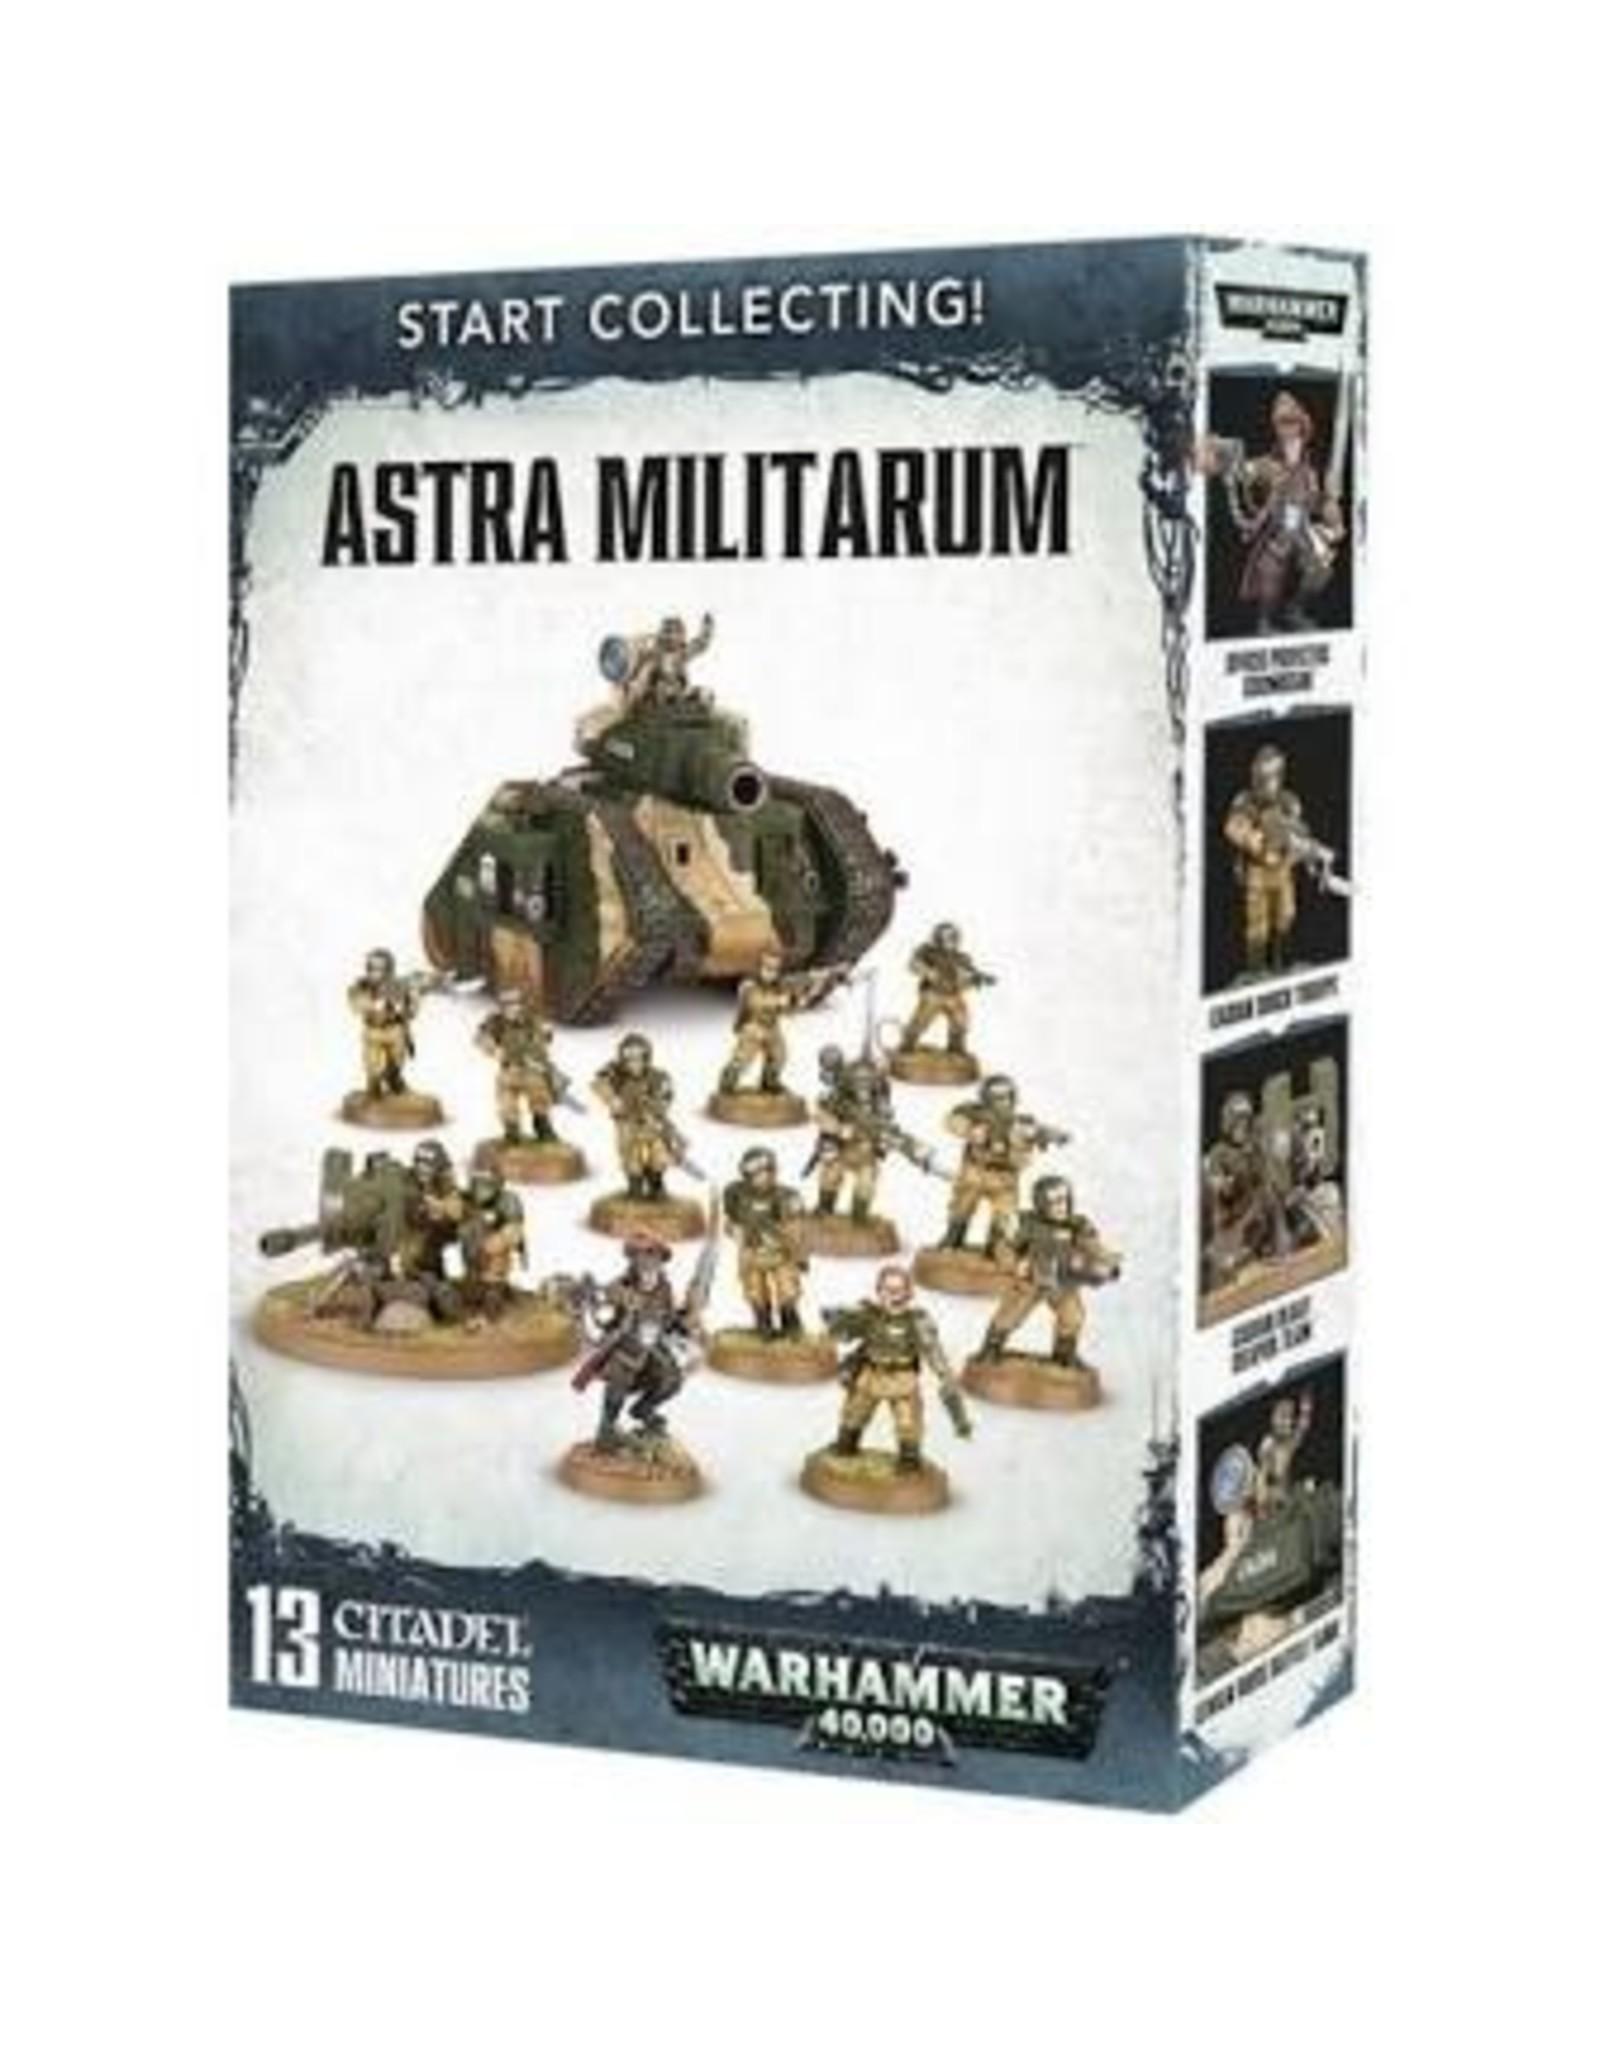 Warhammer 40K Start Collecting! Astra Militarium